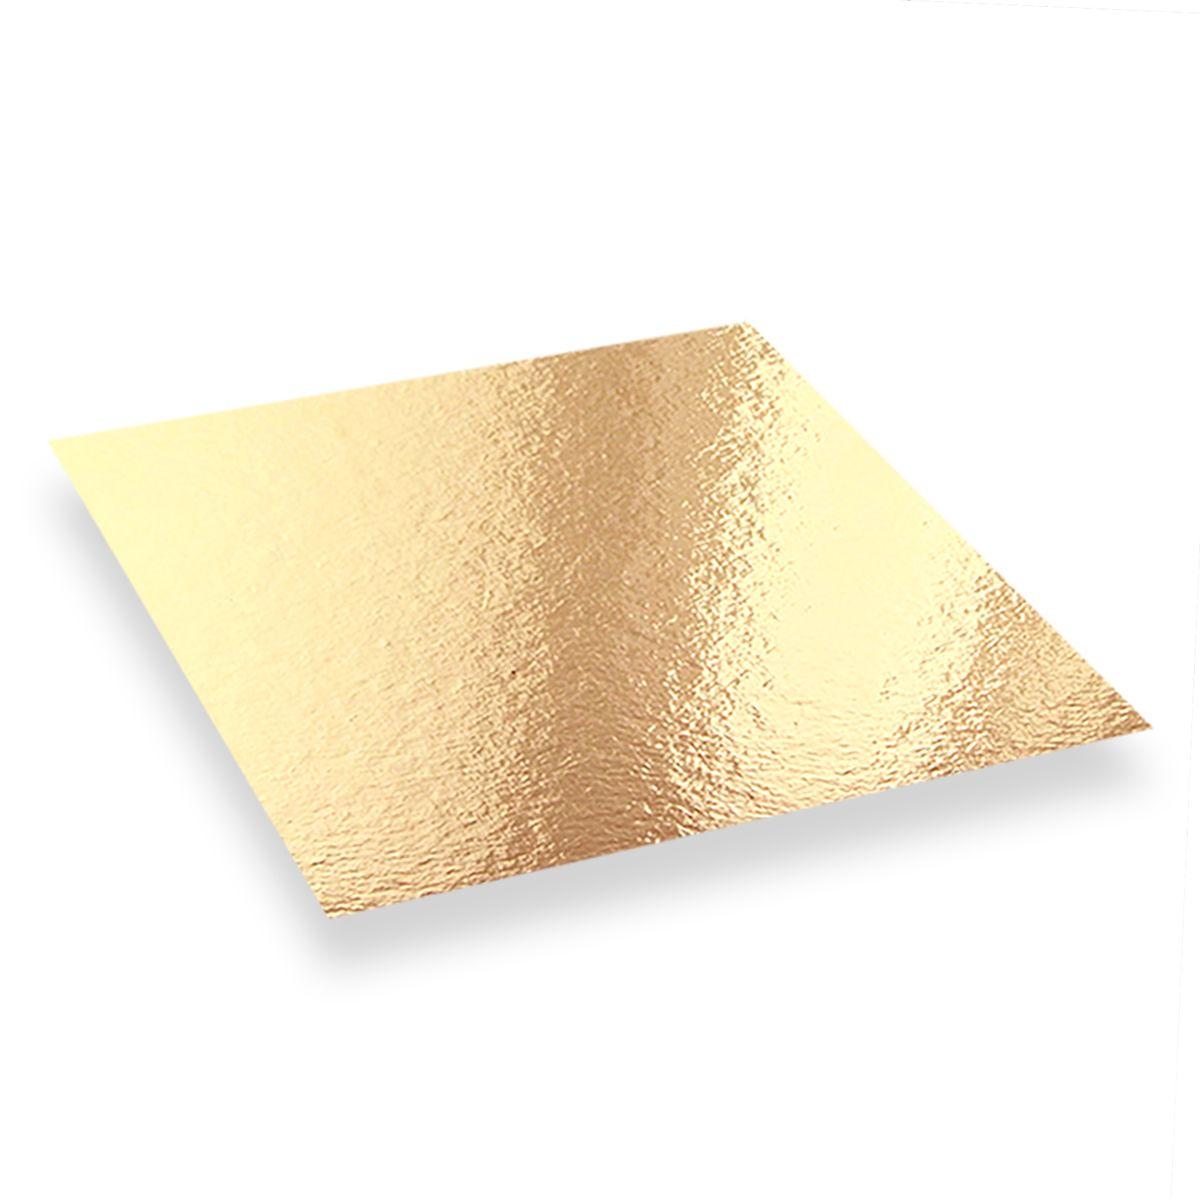 5 supports à gâteaux carrés dorés et noirs 26 x 26 cm - Patisdecor